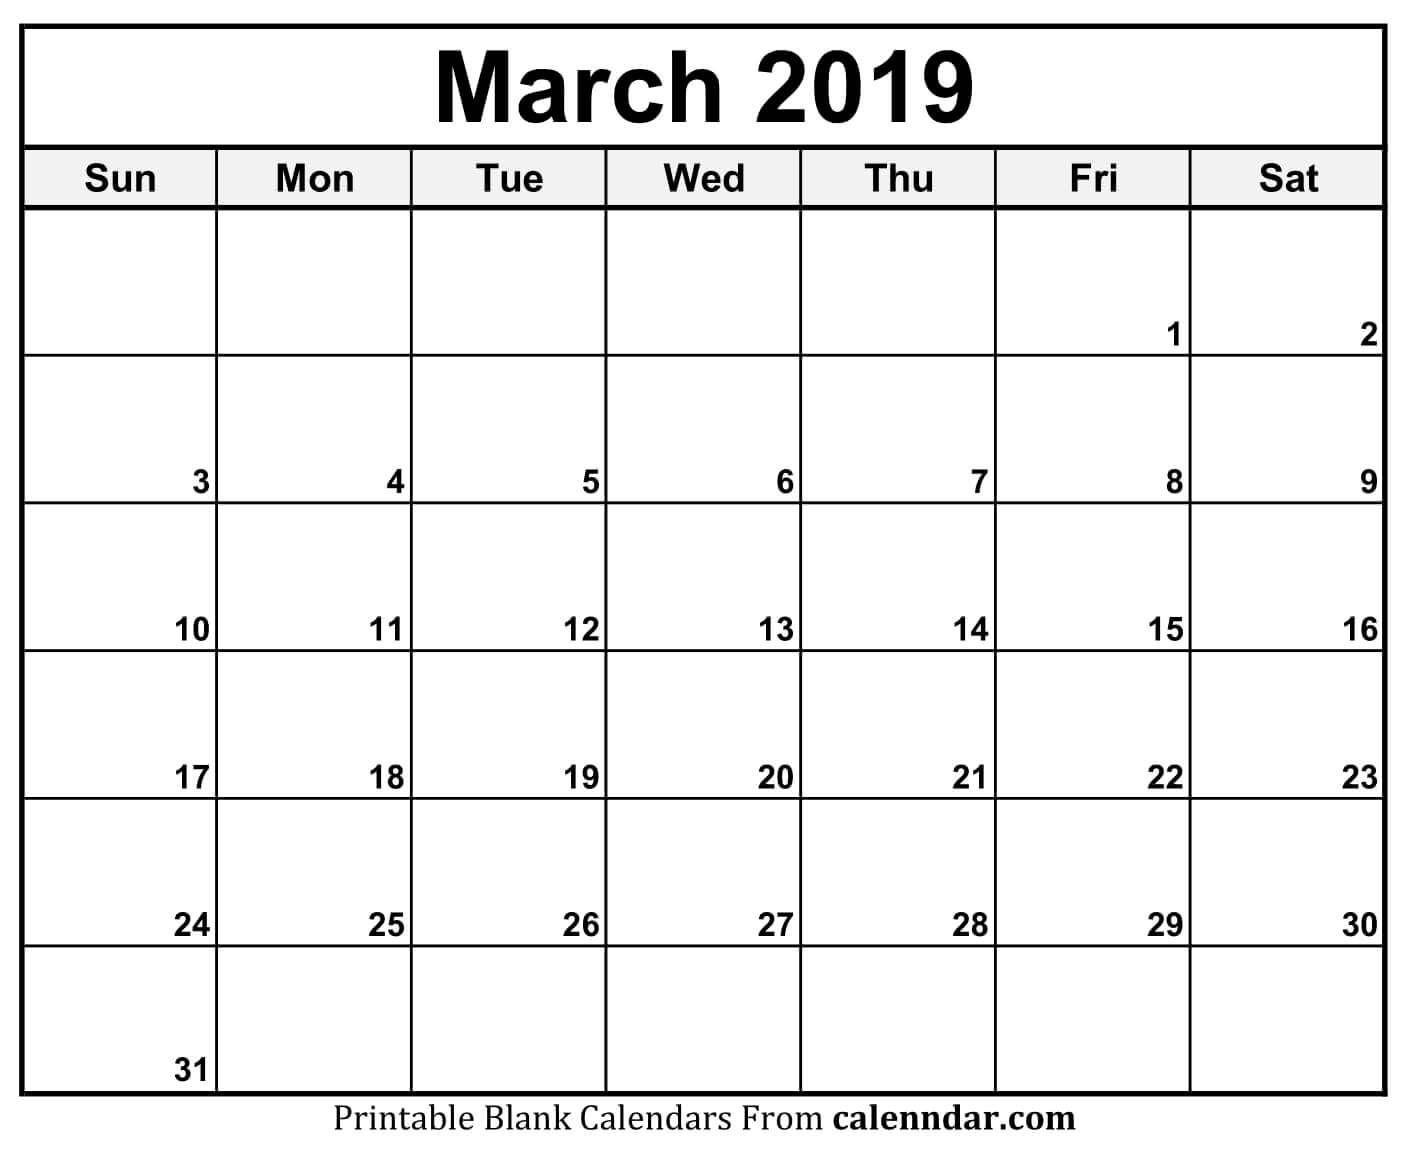 blank march month calendar 2019 planner | june calendar